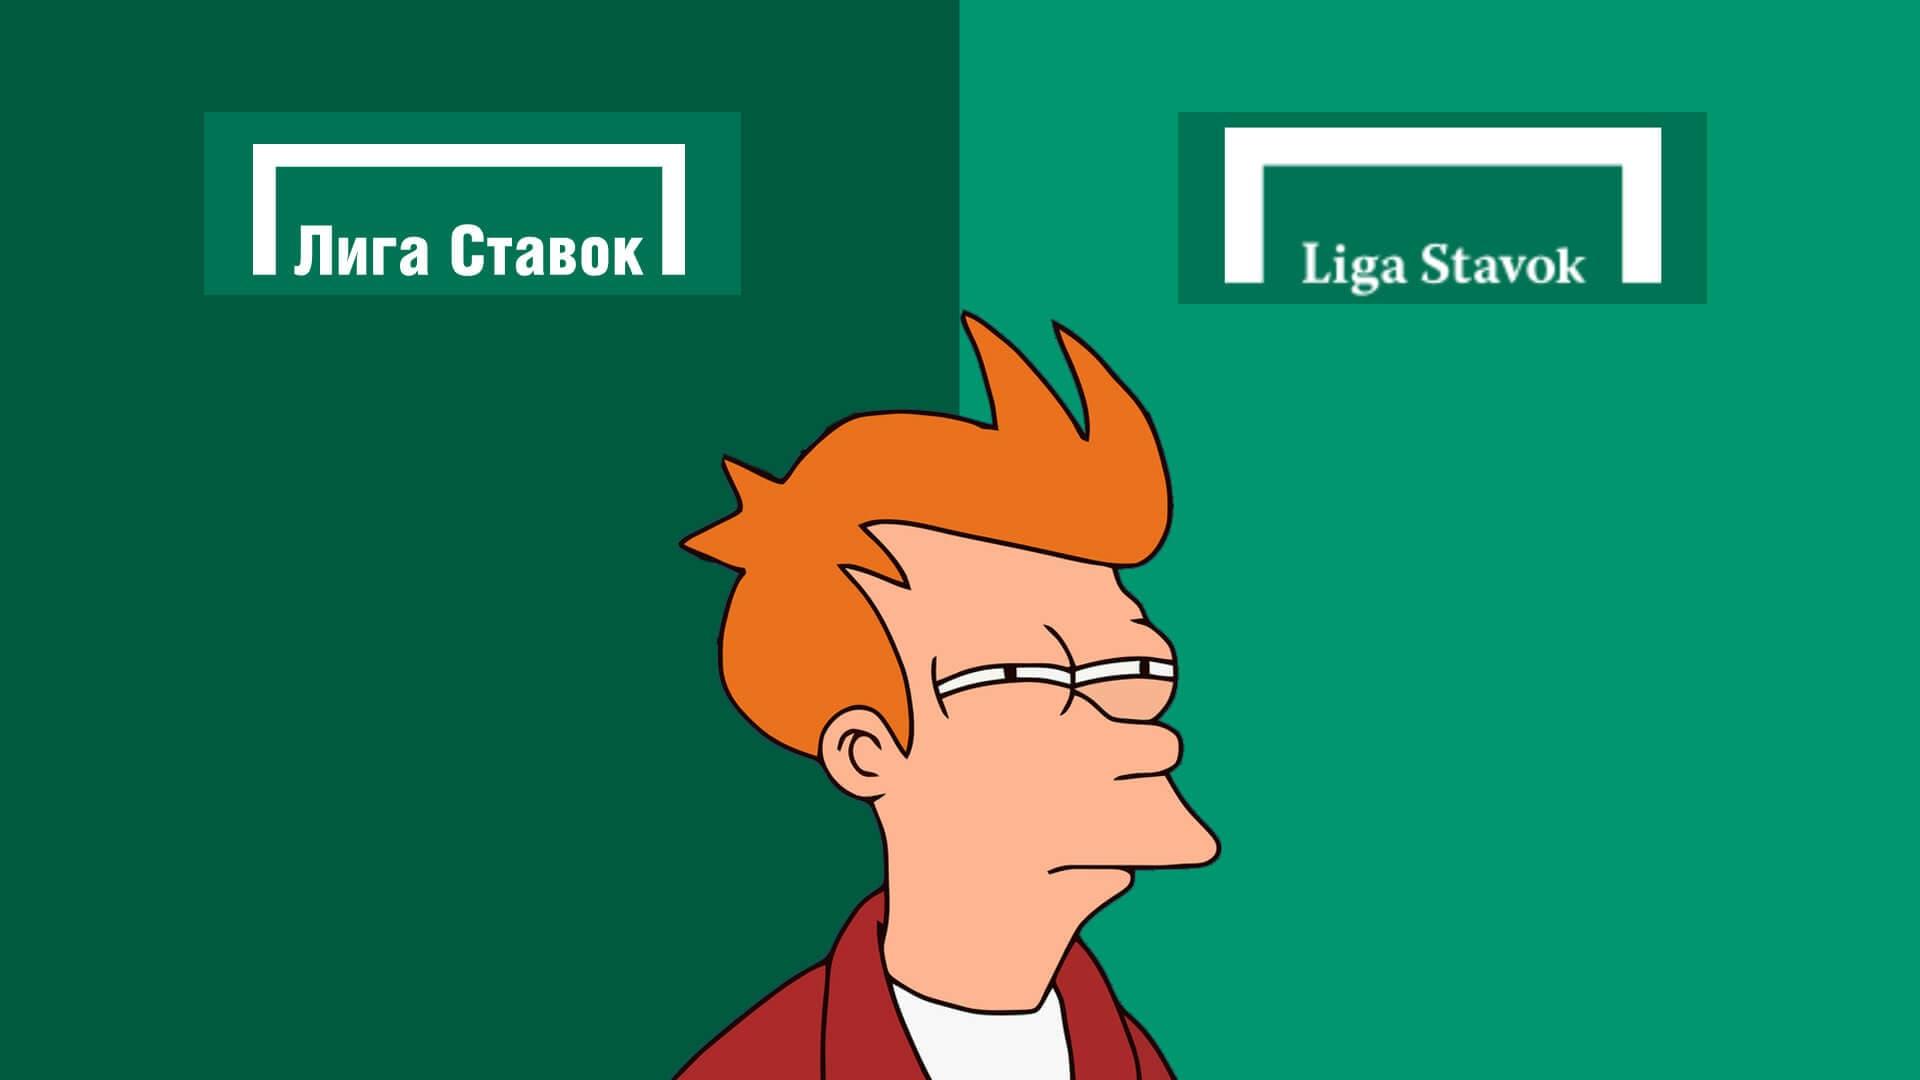 В чем разница между БК Лига Ставок и БК Liga Stavok